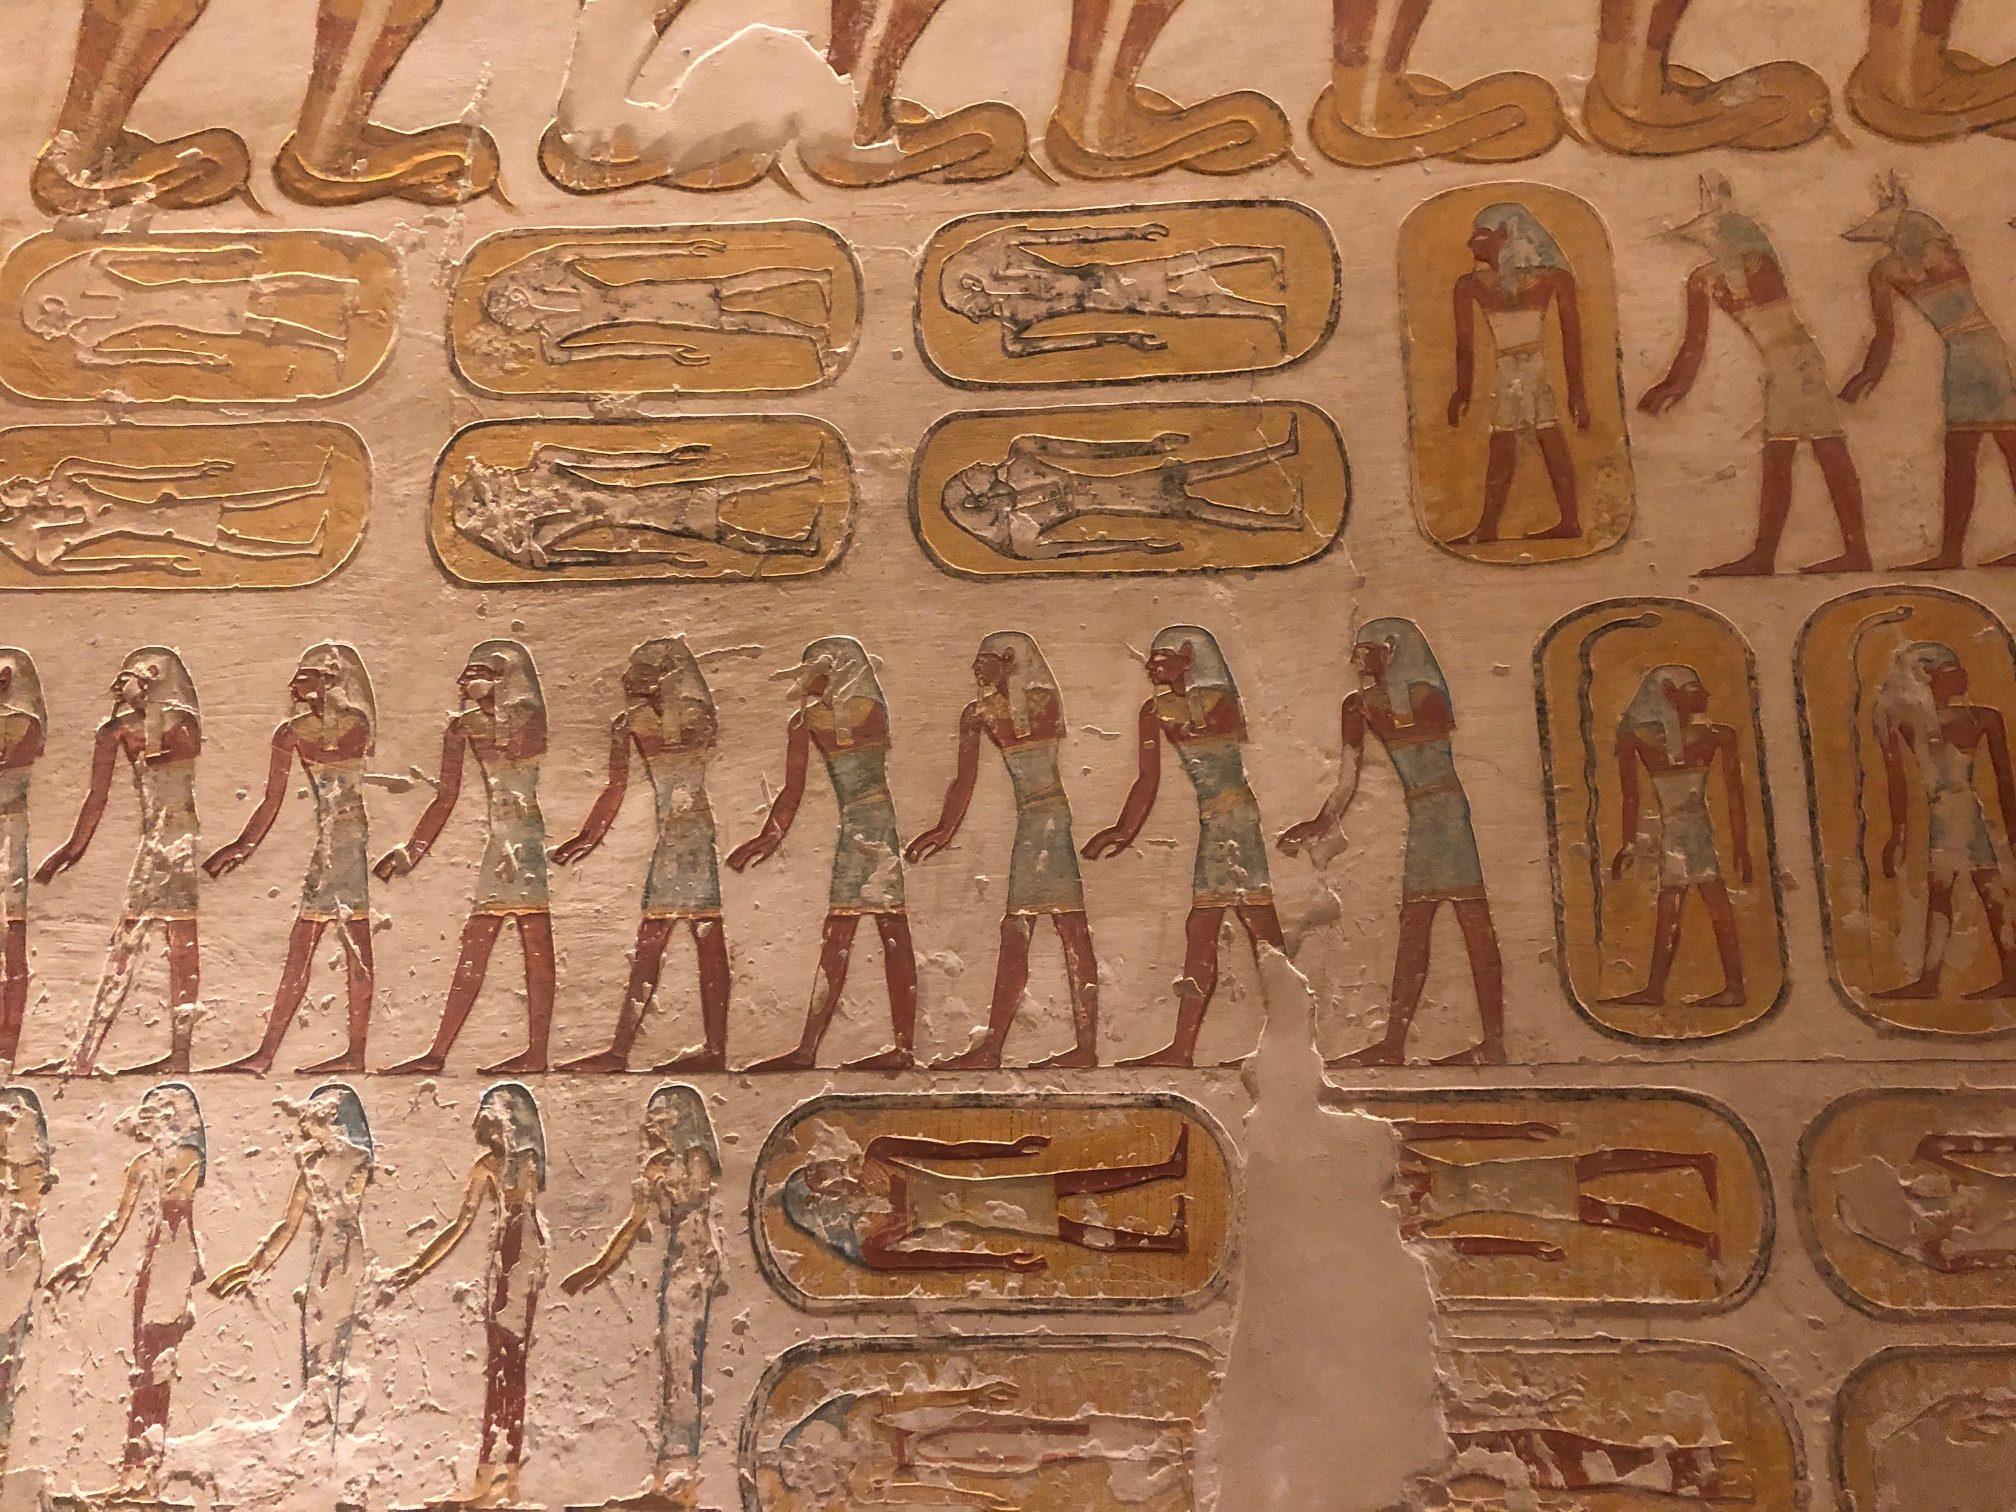 A história de Rameses IV nas paredes de sua tumba em Luxor